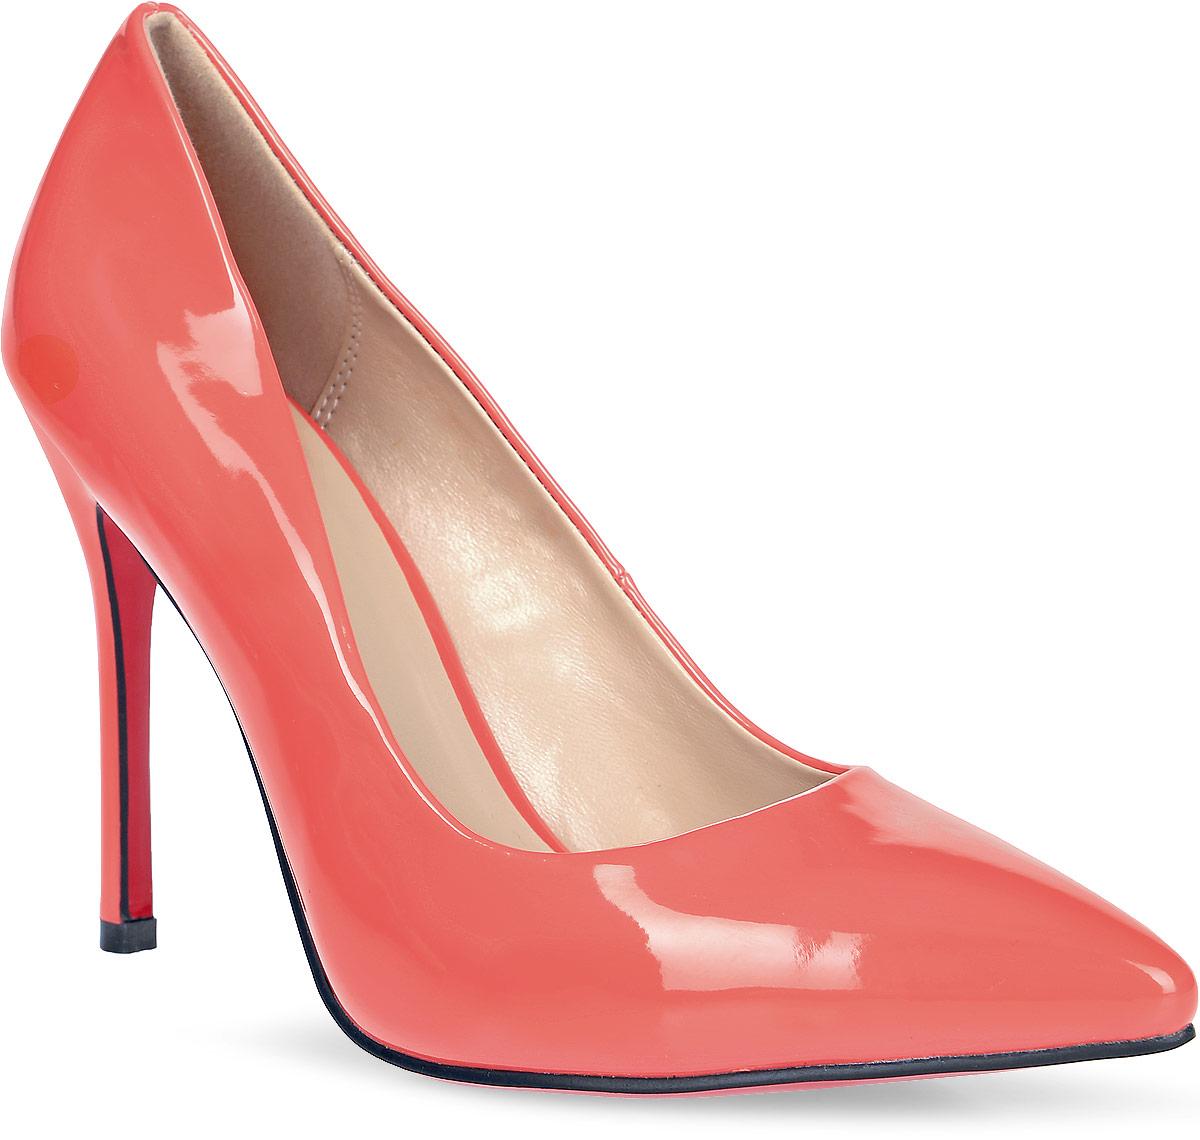 Туфли женские Inario, цвет: коралловый. 17251-01-15. Размер 3917251-01-15Туфли-лодочки Inario выполнены из искусственной лаковой кожи. Внутренняя поверхность и стелька из искусственной кожи обеспечат комфорт при движении. Подошва красного цвета выполнена из полимера. Модель имеет острый мысок и высокий каблук-шпильку.